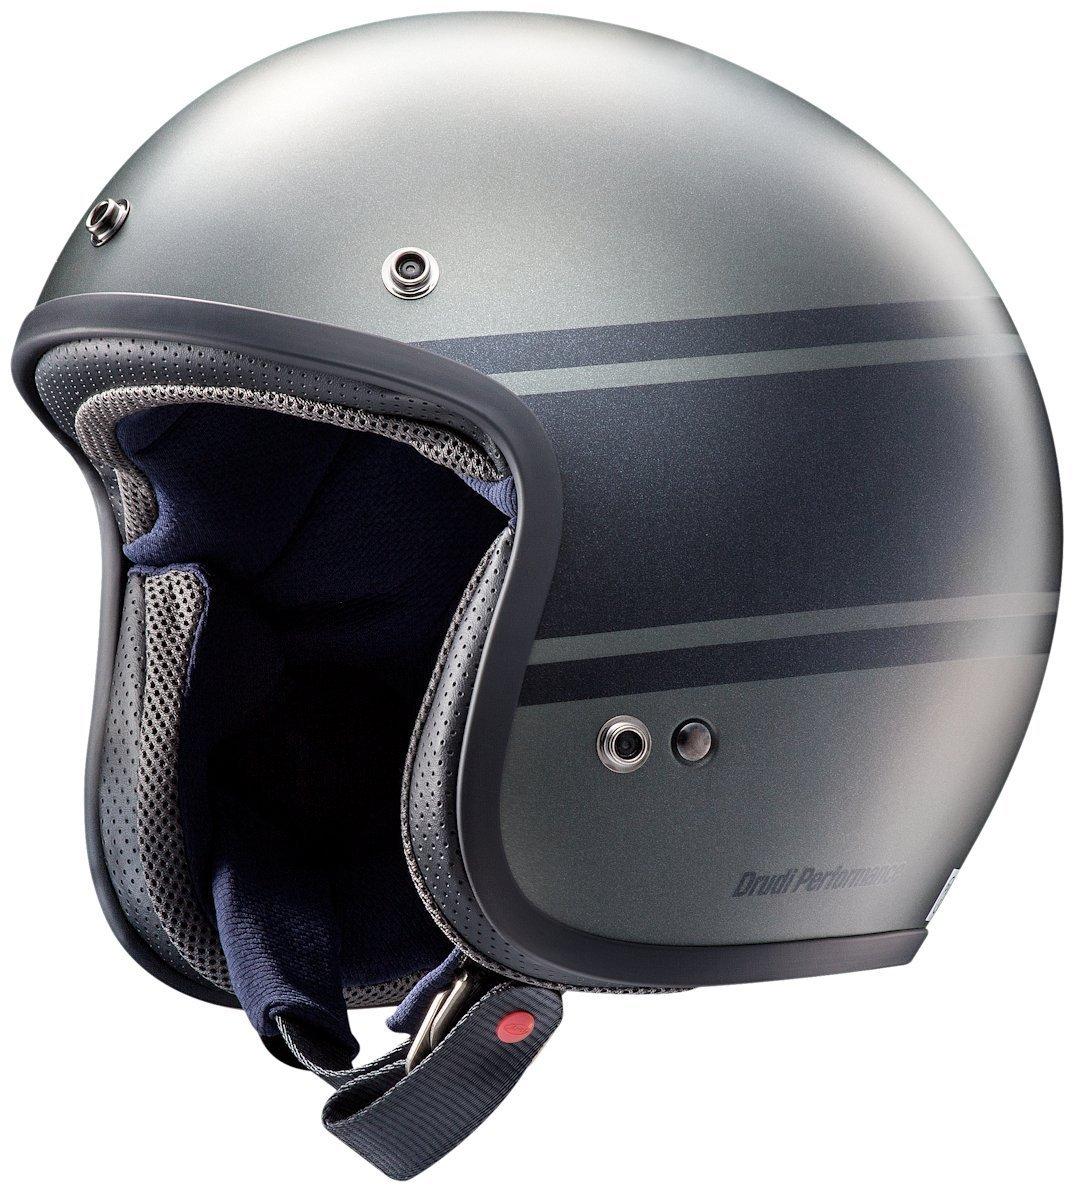 ARAI アライ ジェットヘルメット CLASSIC MOD (クラシック モッド) BANDAGE (バンデージ) グリーン Lサイズ 59-60cm